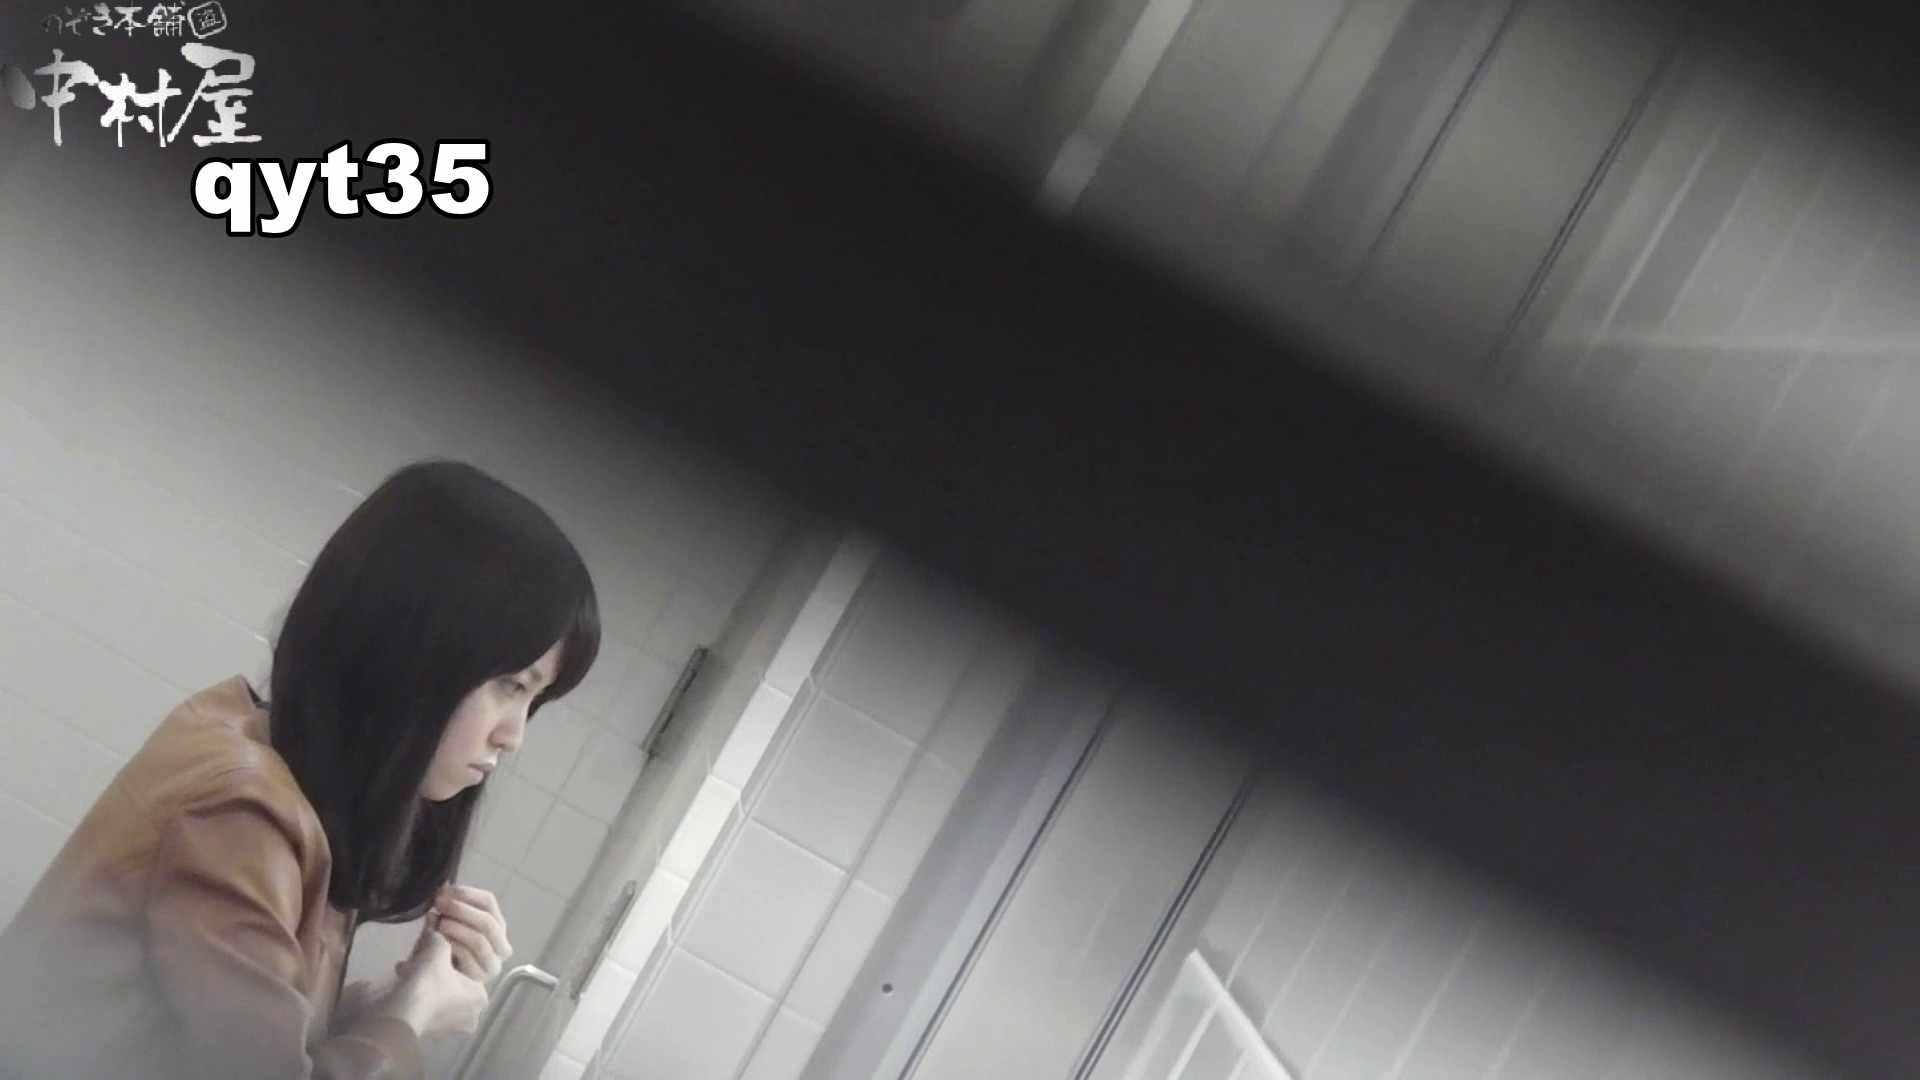 【お銀さんの「洗面所突入レポート!!」】お銀さんの「洗面所突入レポート!!」 vol.35 広げると出ます 洗面所 | HなOL  68pic 6